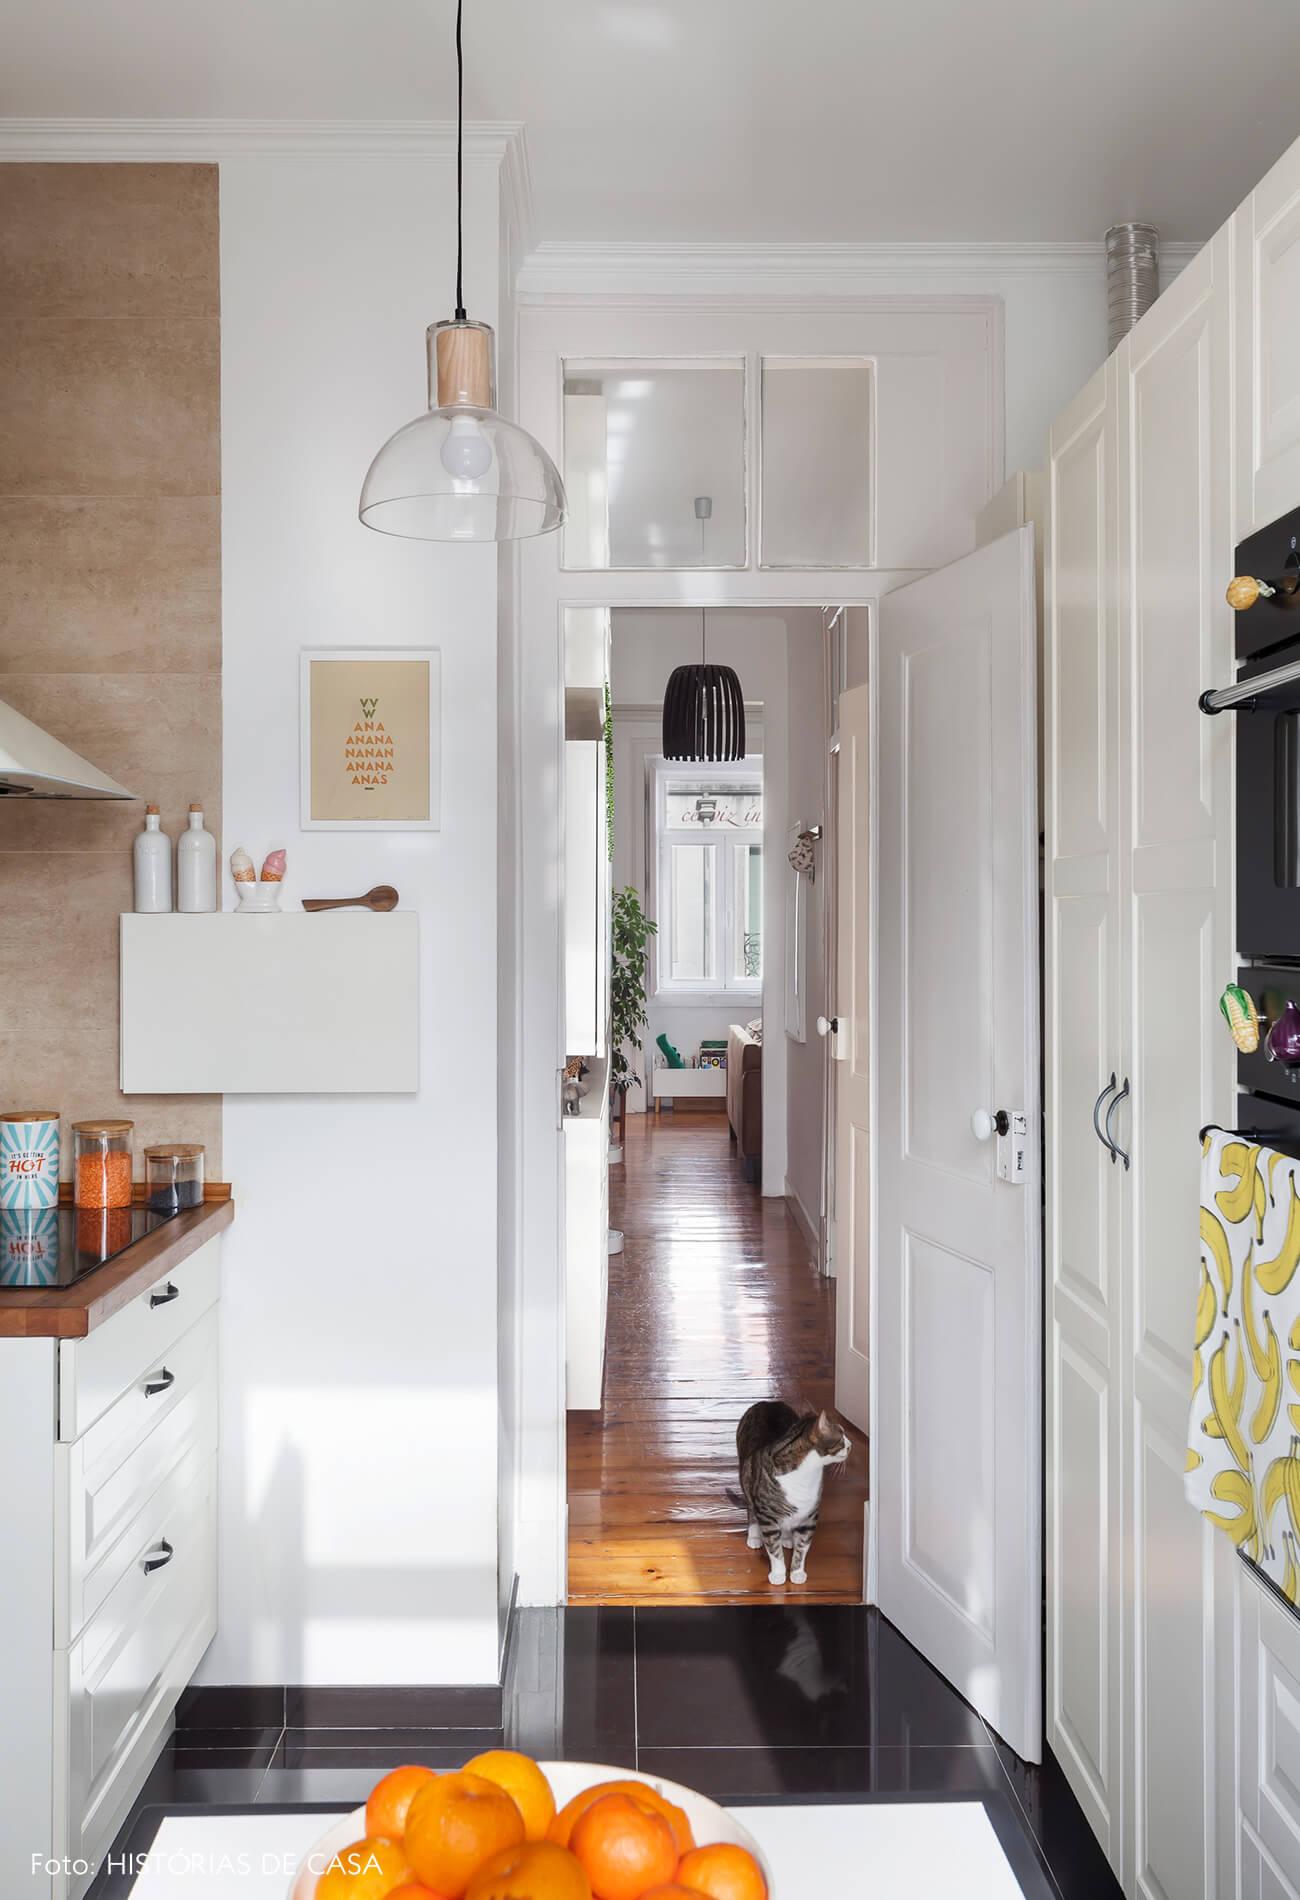 Cozinha com bancada de madeira e piso escuro